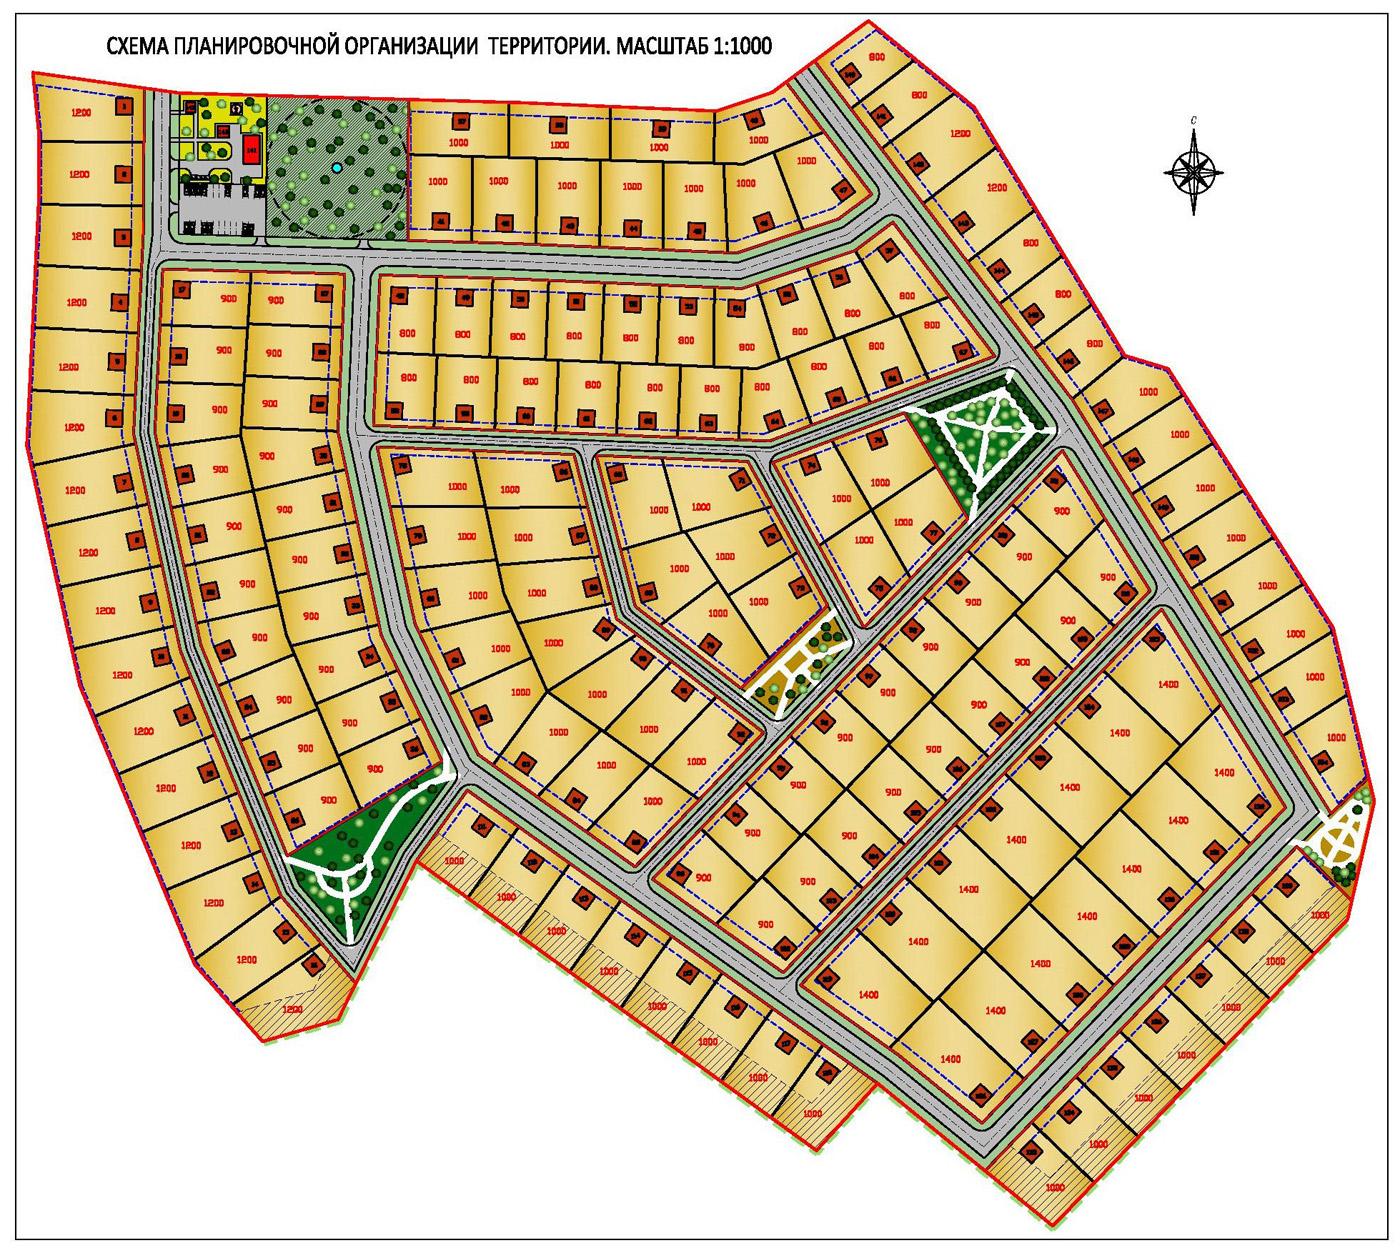 Планировка коттеджного поселка /20 га, вариант-I, этап согласования/